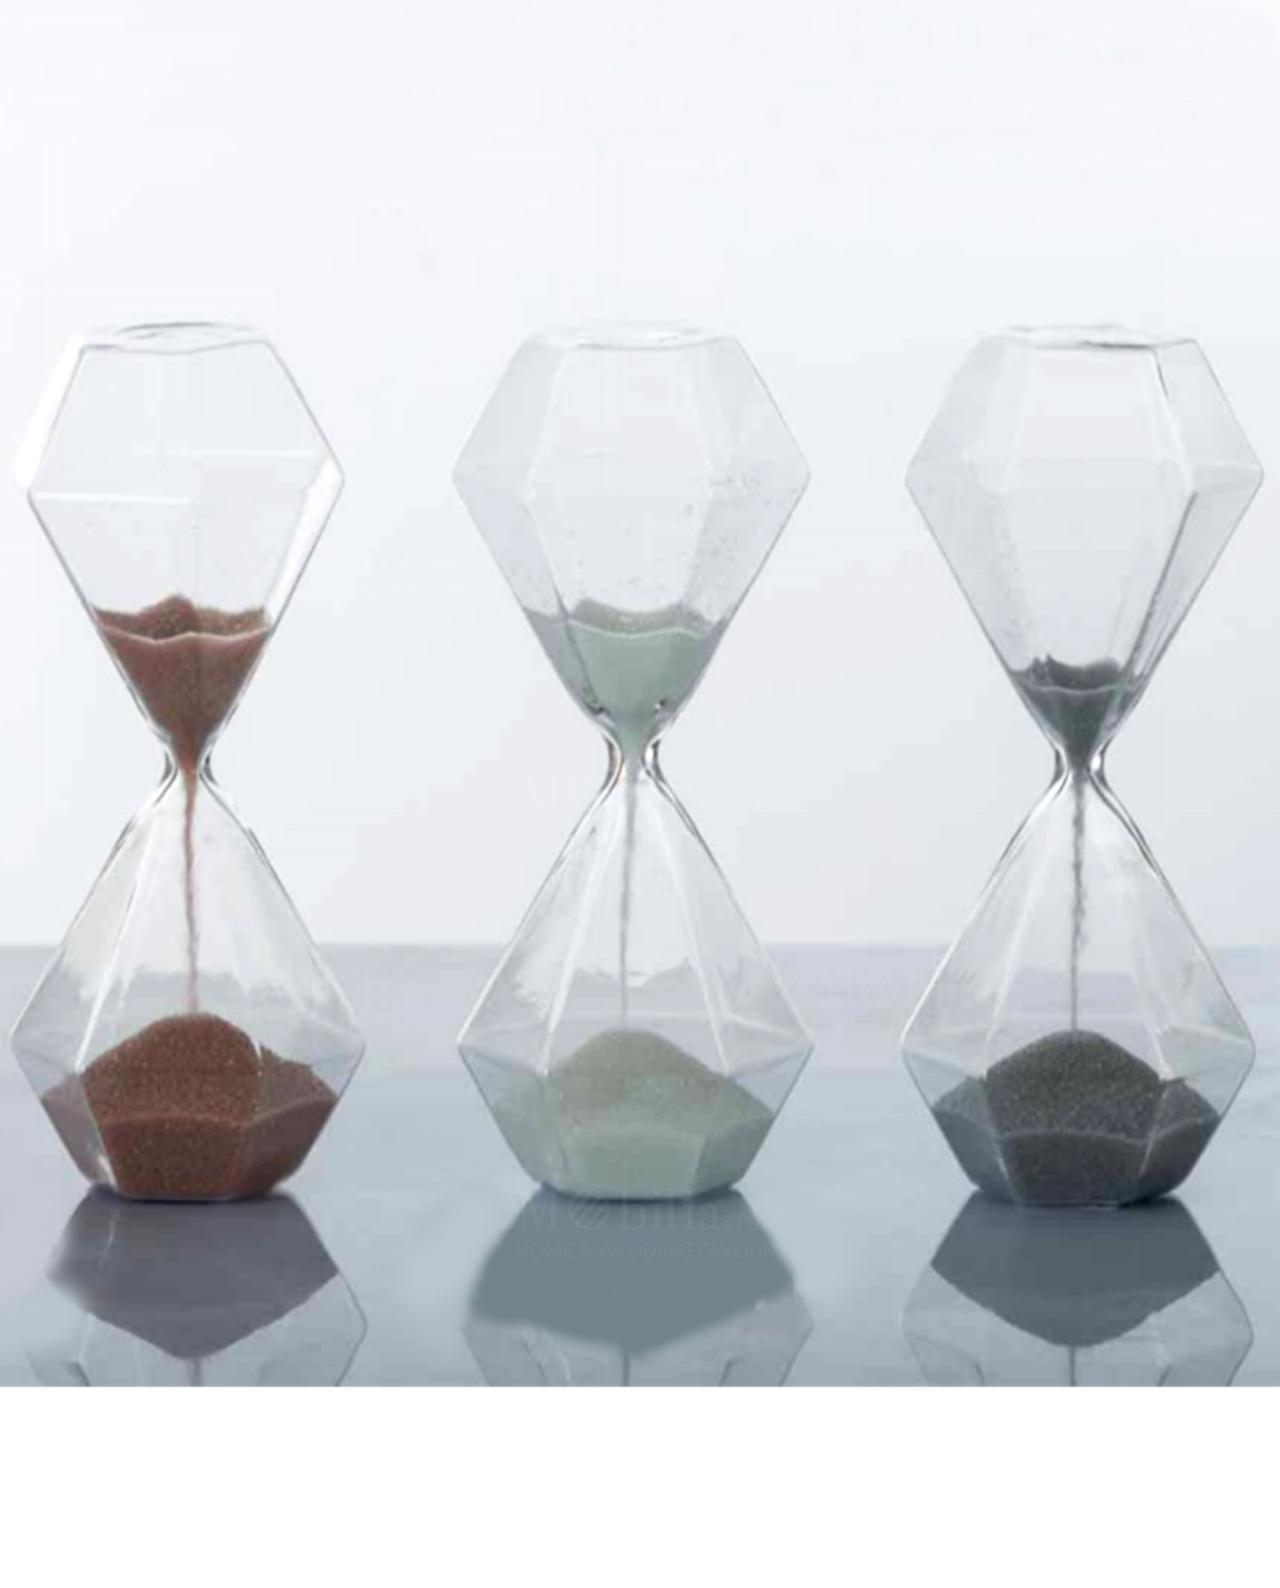 clessidre bomboniere in vetro grandi